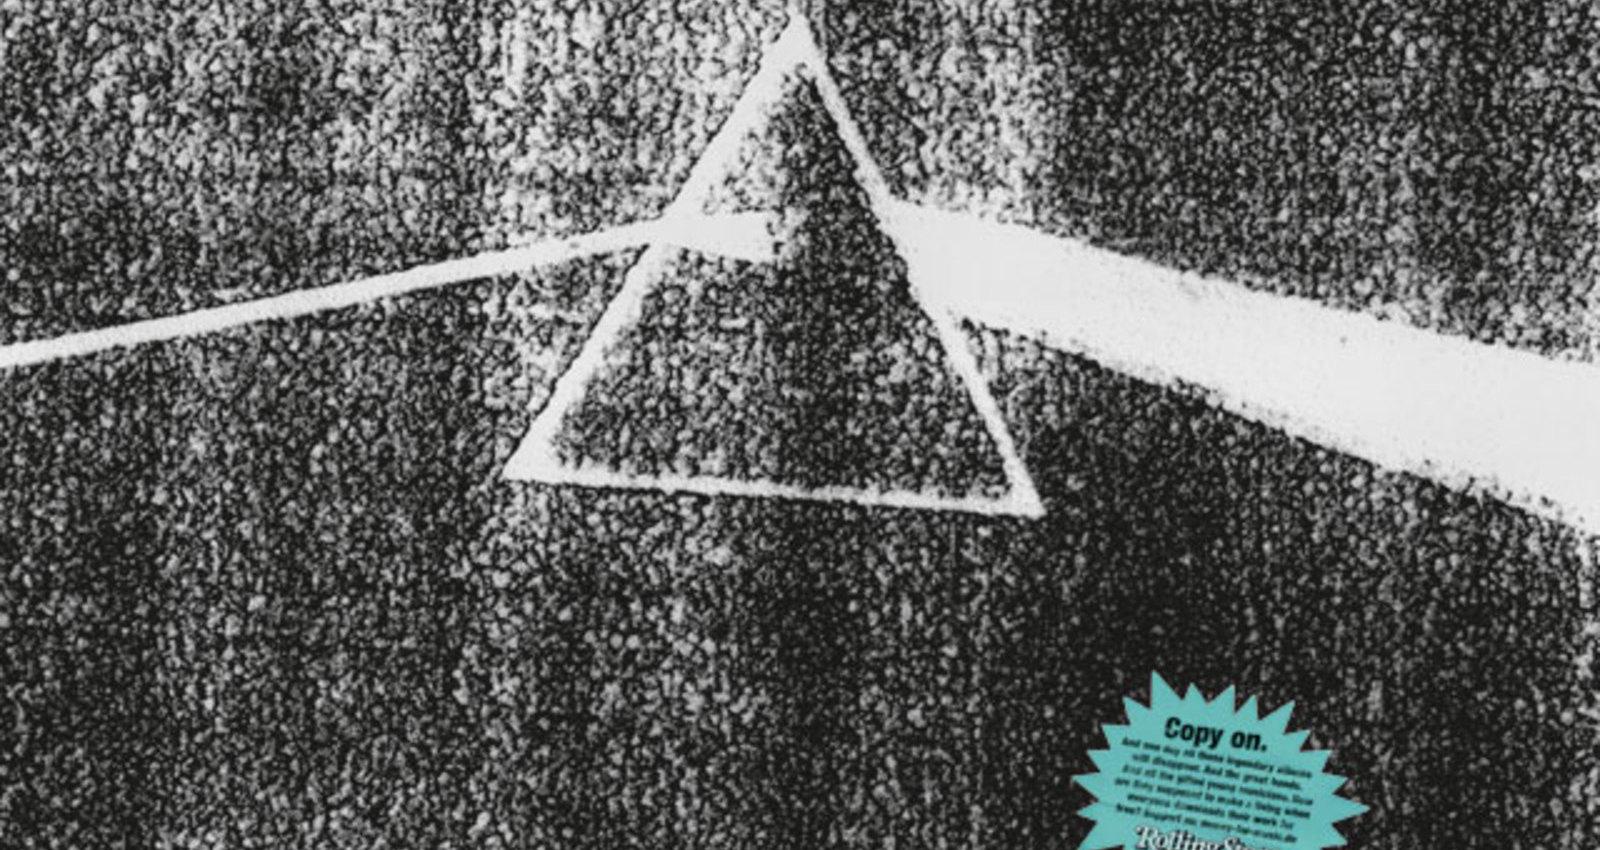 Copy on Campaign - Motif: Prism